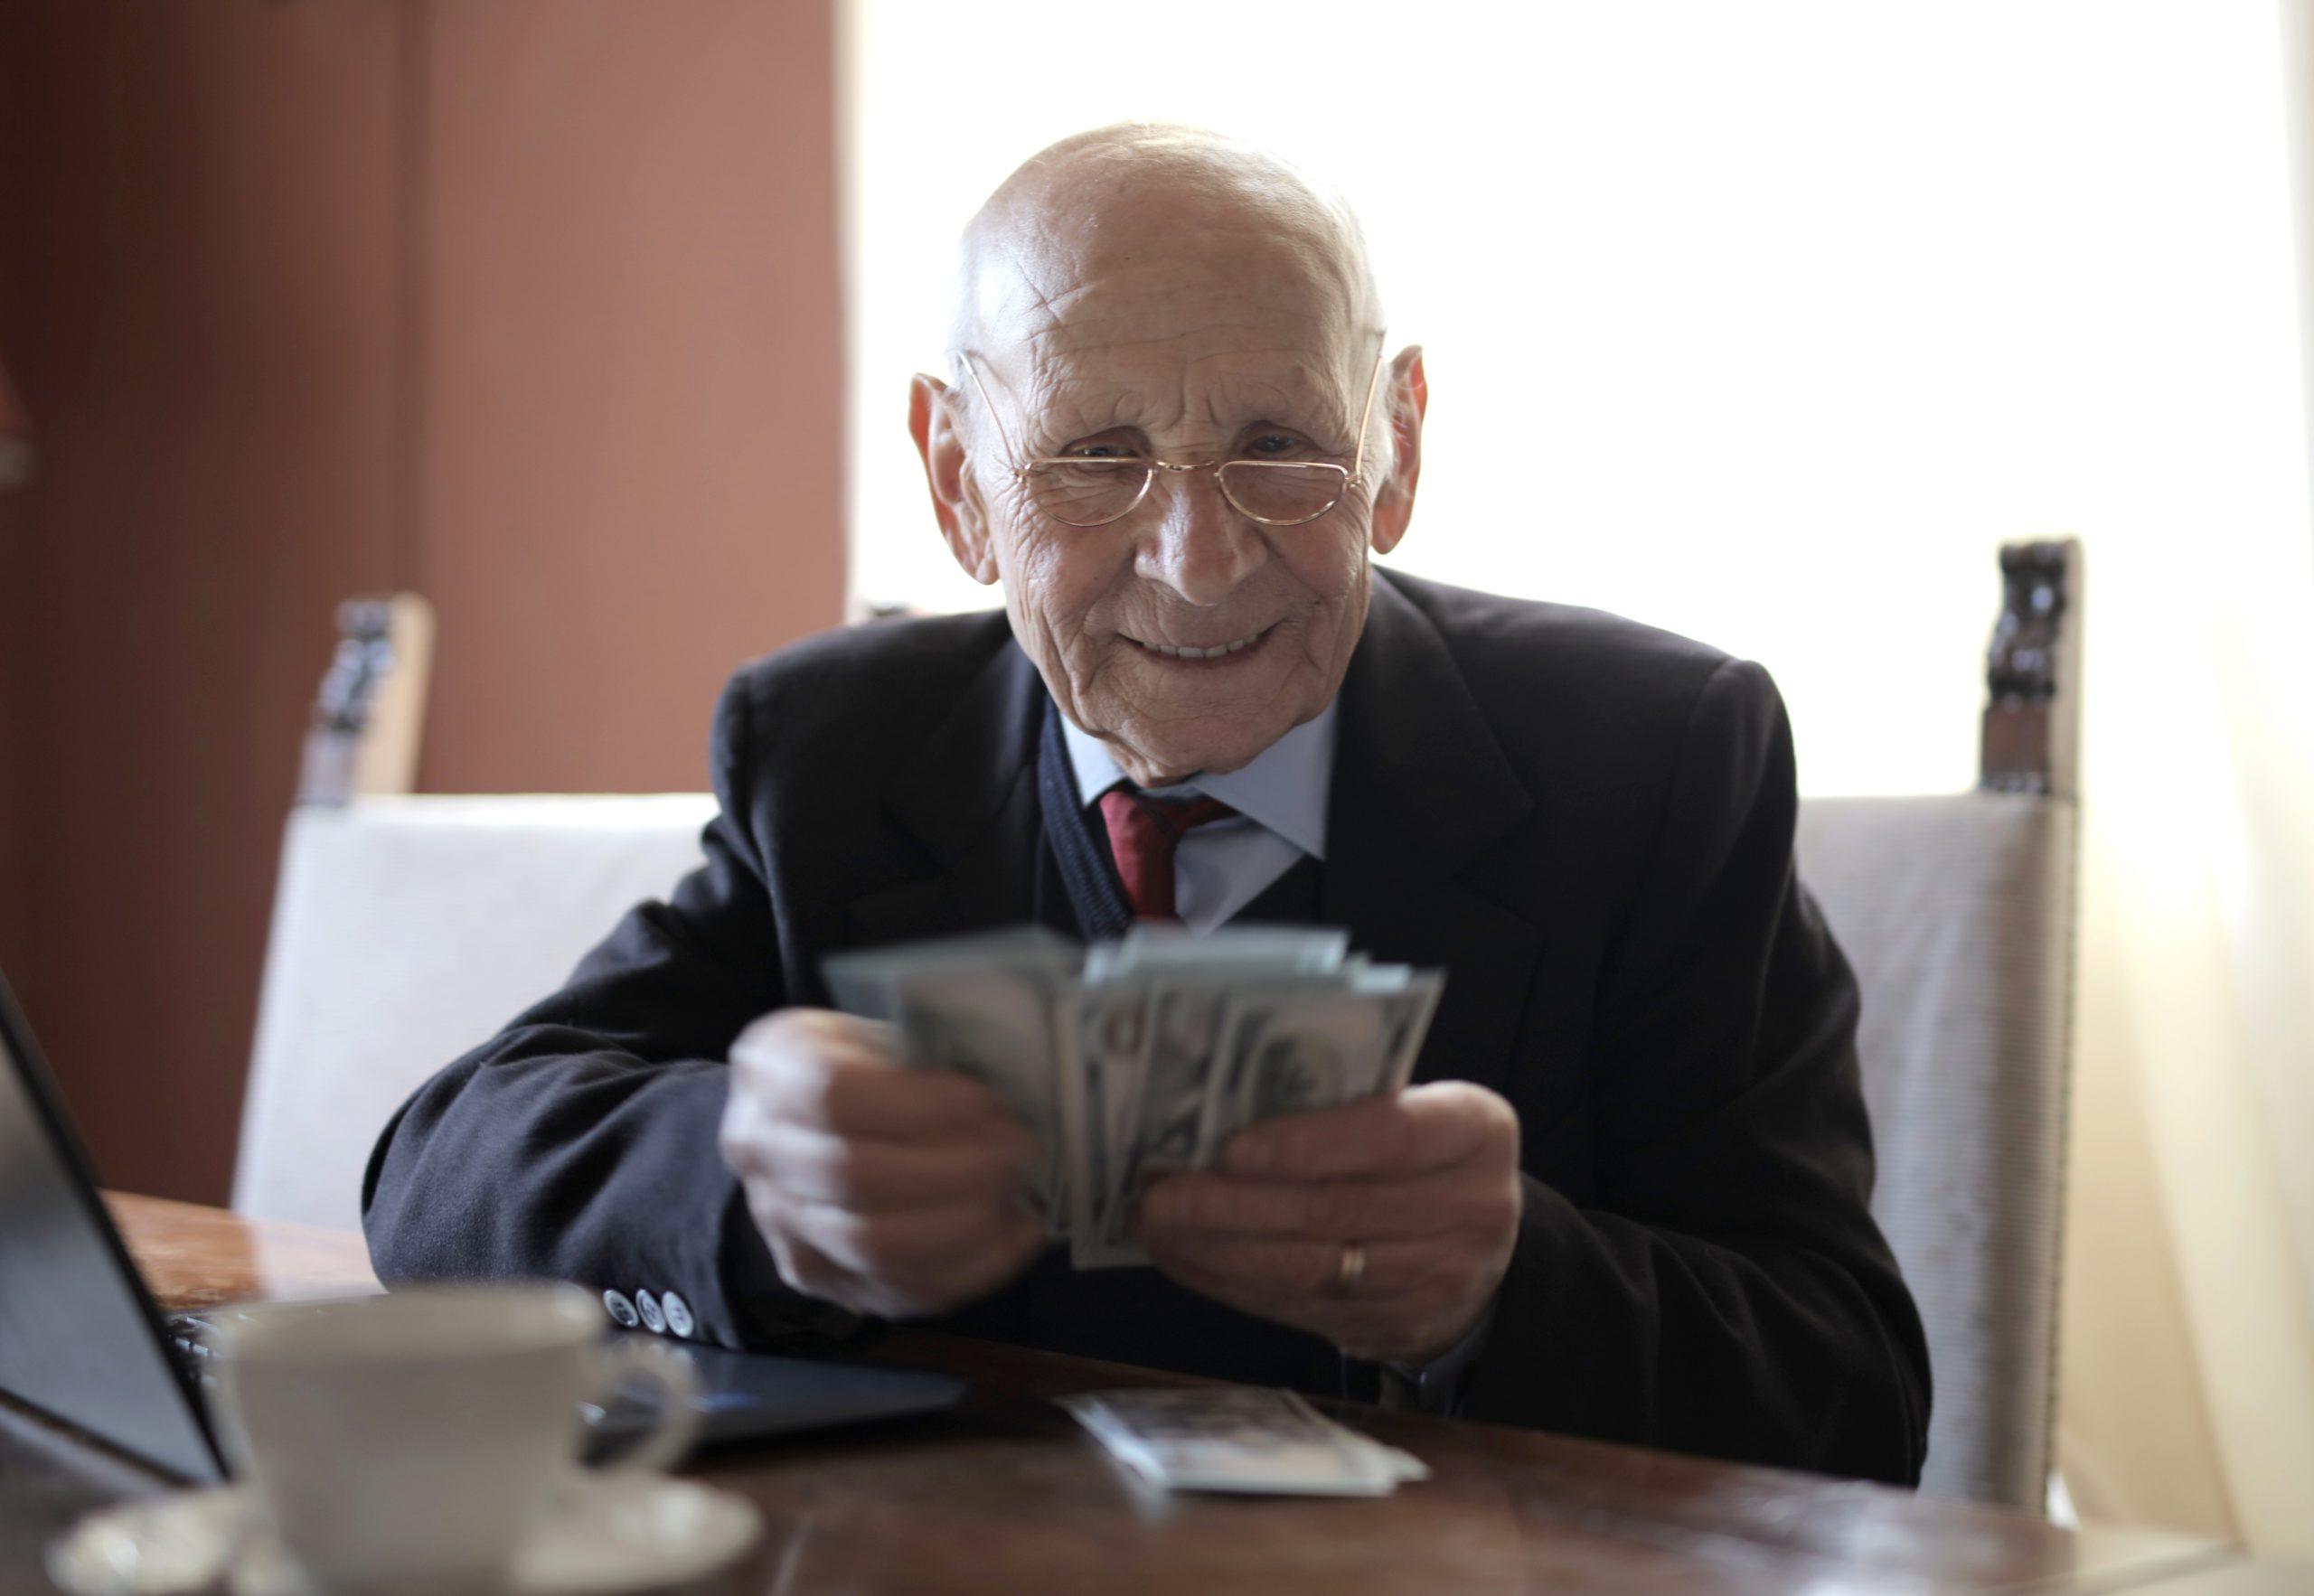 月薪高就能提早退休?